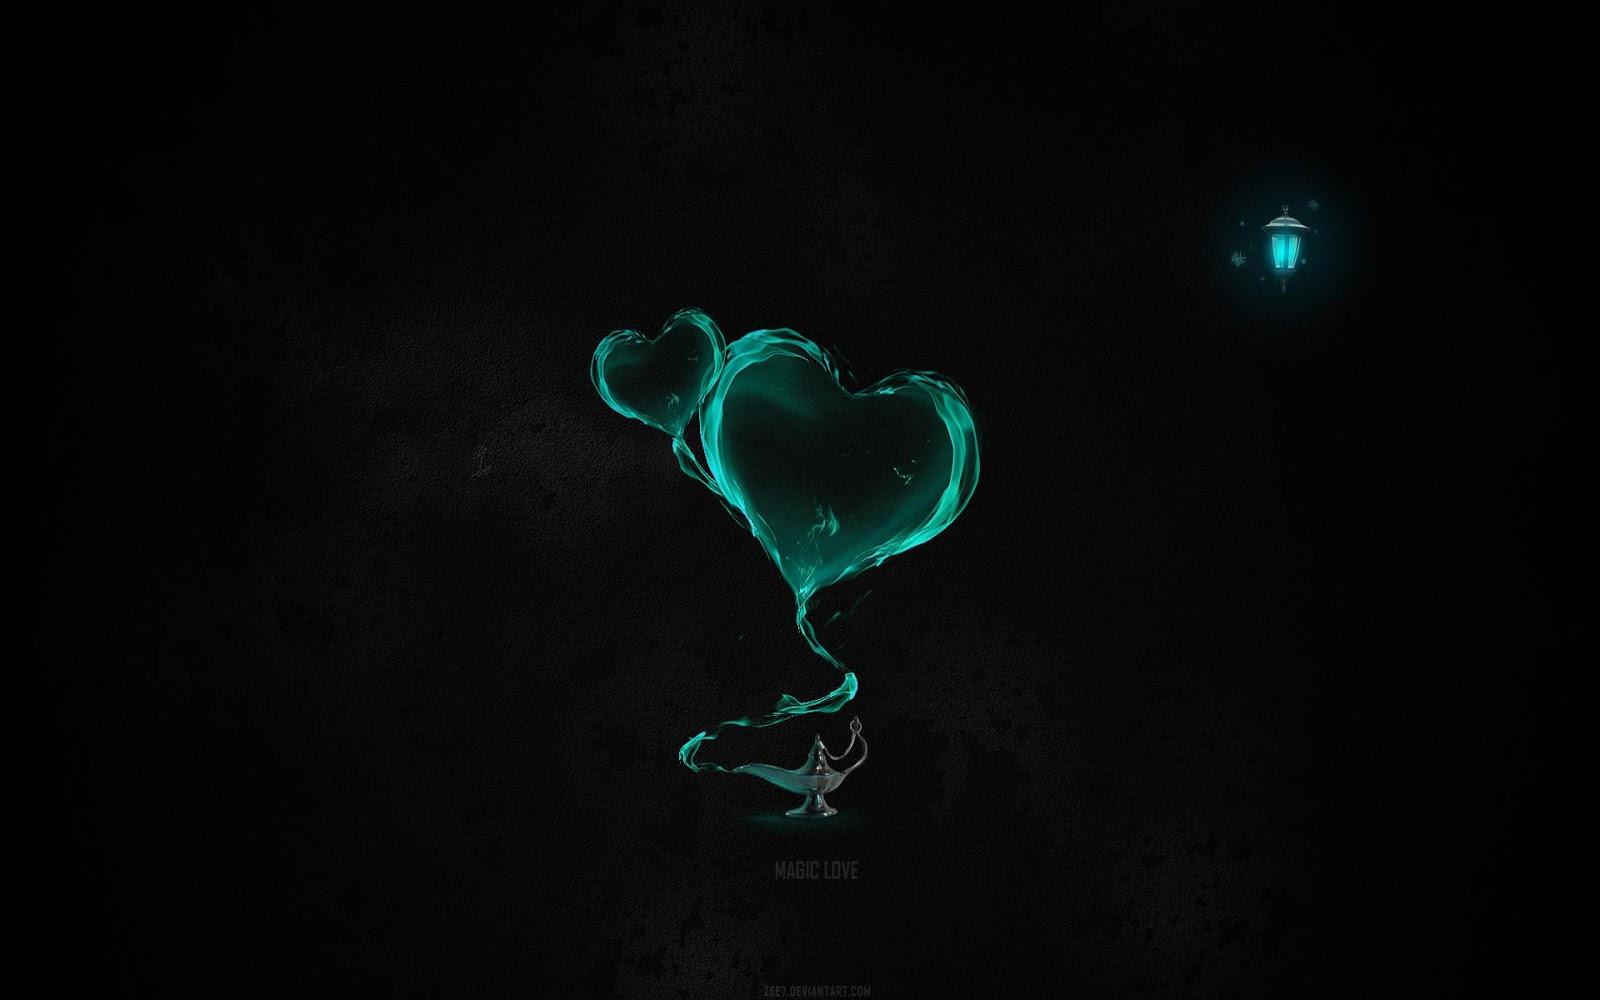 http://3.bp.blogspot.com/-_1tpvU0XNK4/UNF6c9k9LUI/AAAAAAAABlc/SERpmTnExD0/s1600/inima-dragoste-17.jpg